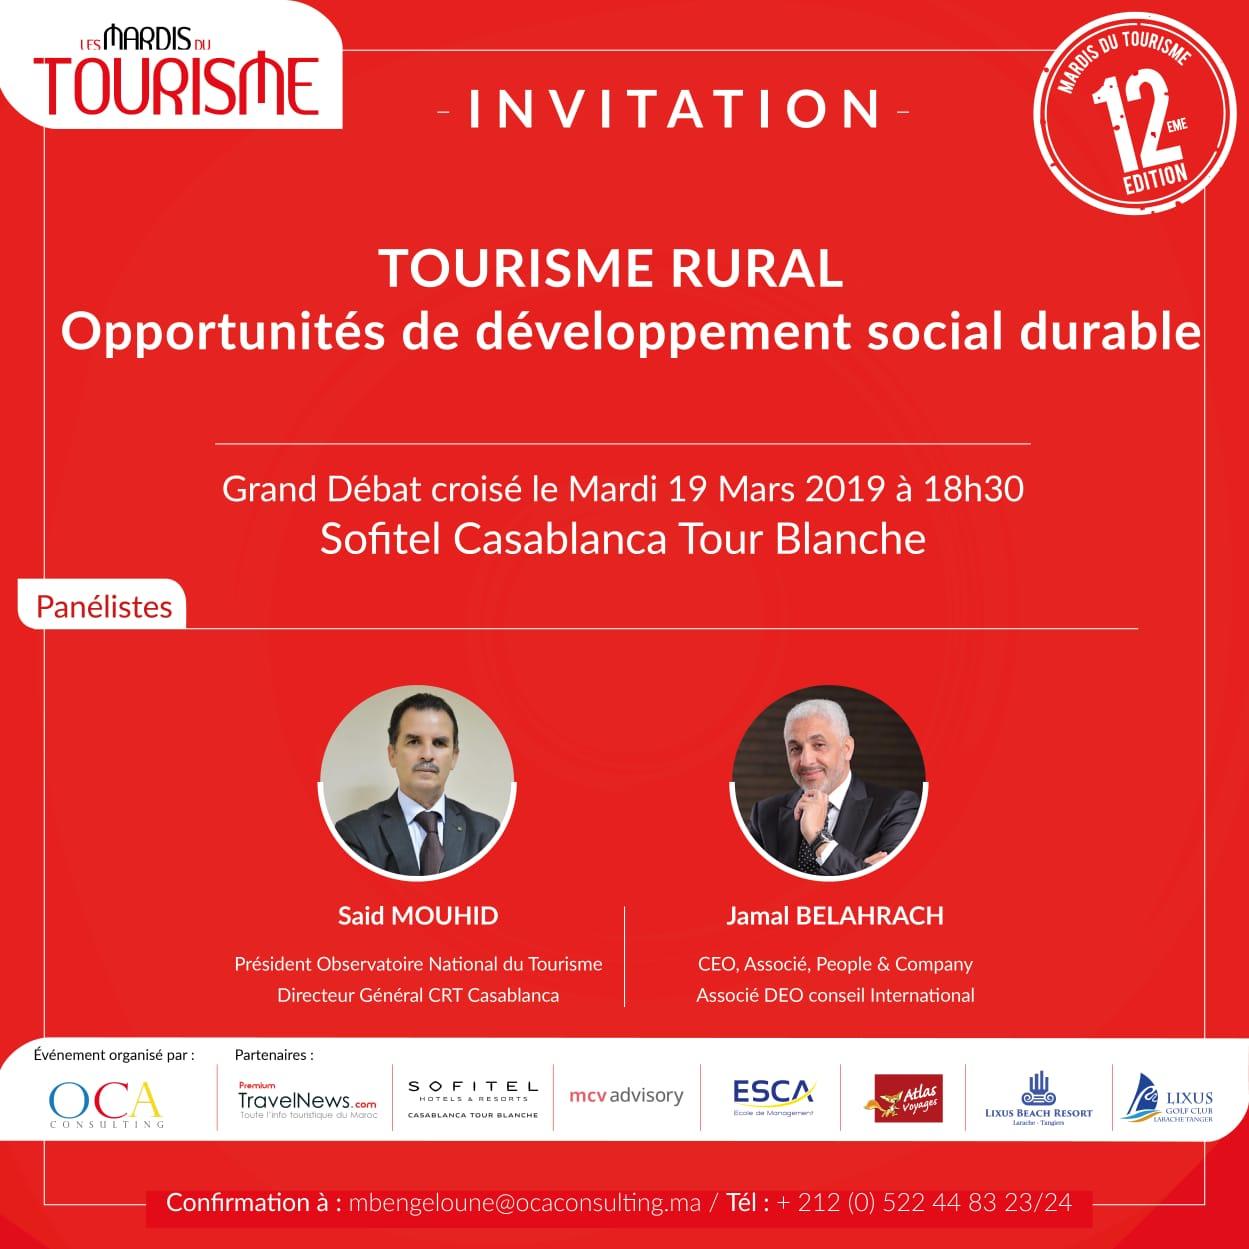 Les Mardis du Tourisme #12: Tourisme rural & développement social durable